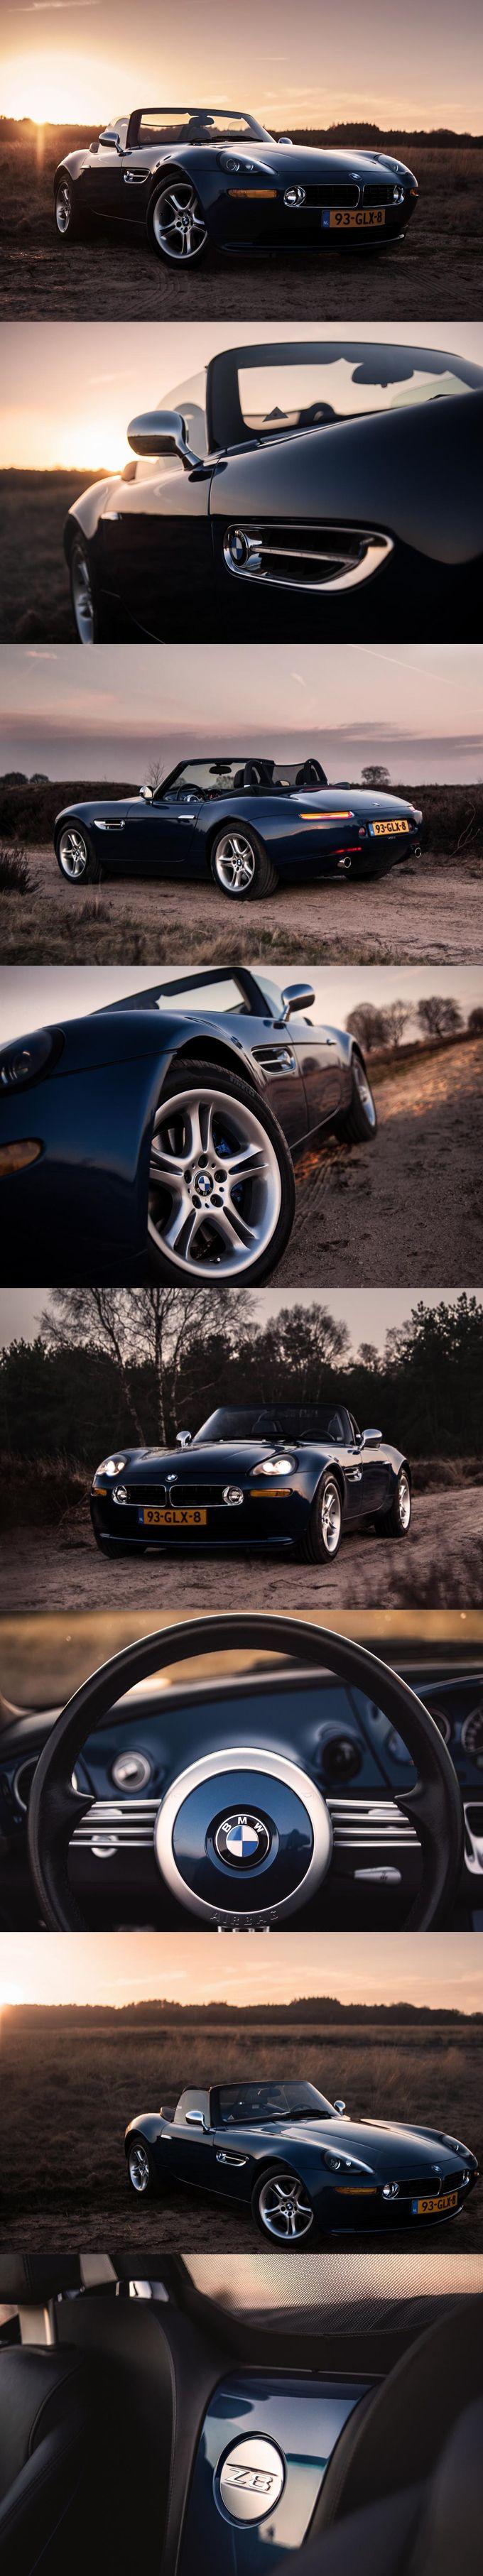 2001 BMW Z8 / 400hp 4.9l V8 / E52 / Henrik Fisker / Germany / blue / 17-396 / photo: Sander van der Linden / Autojunk.nl